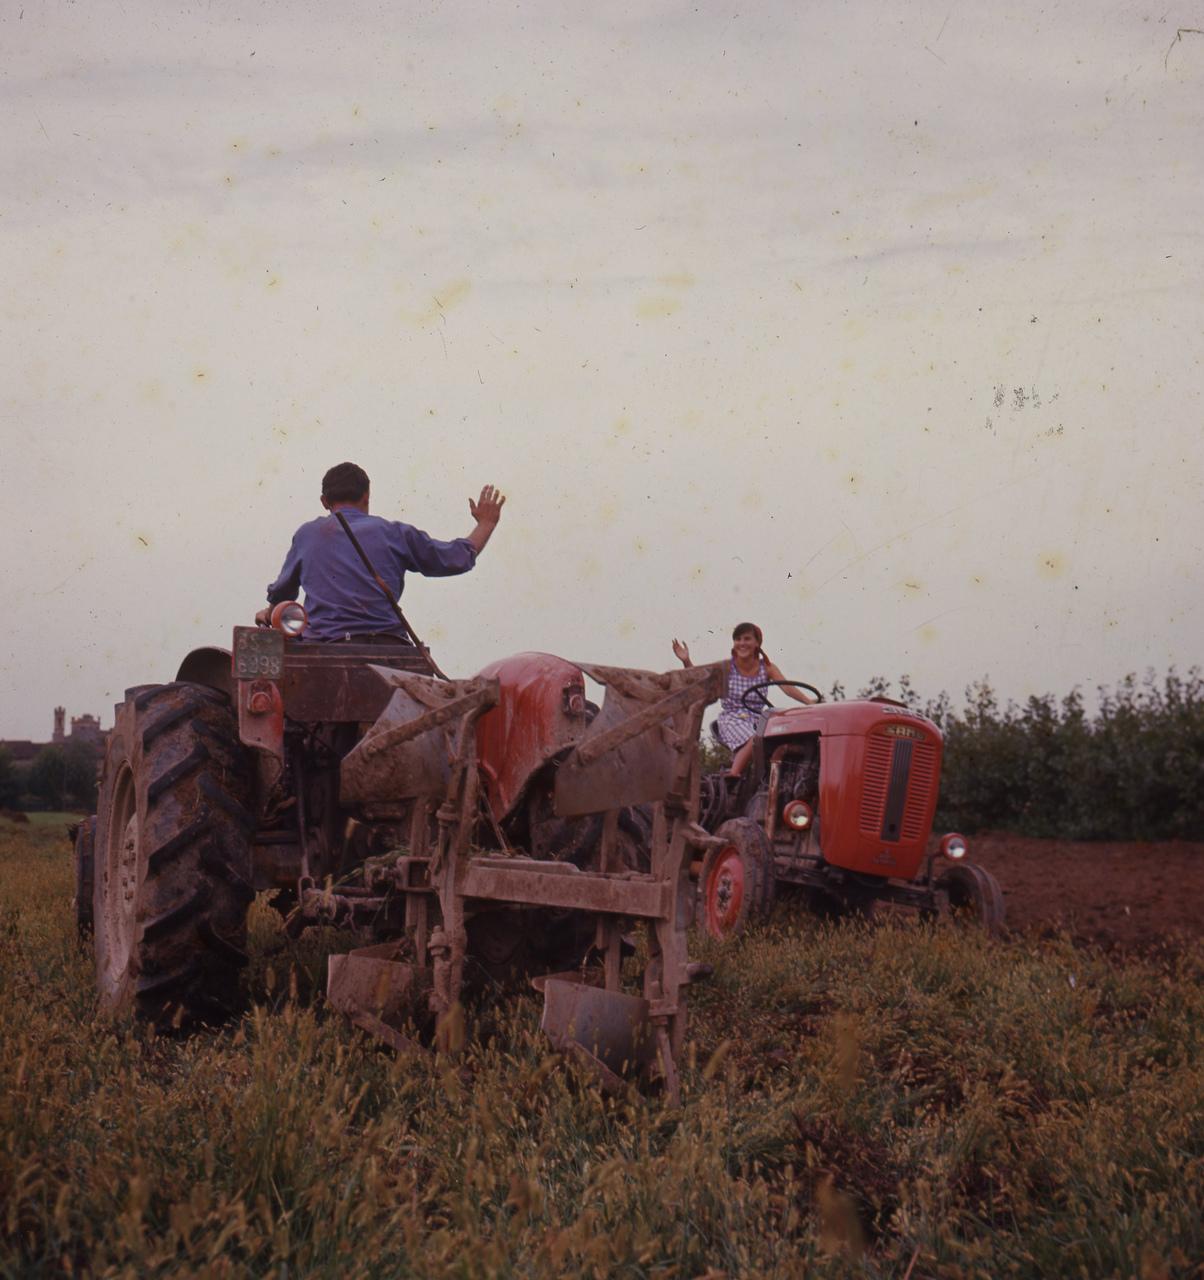 [SAME] trattore 360 - Foto utilizzata per campagna pubblicitaria (1964)